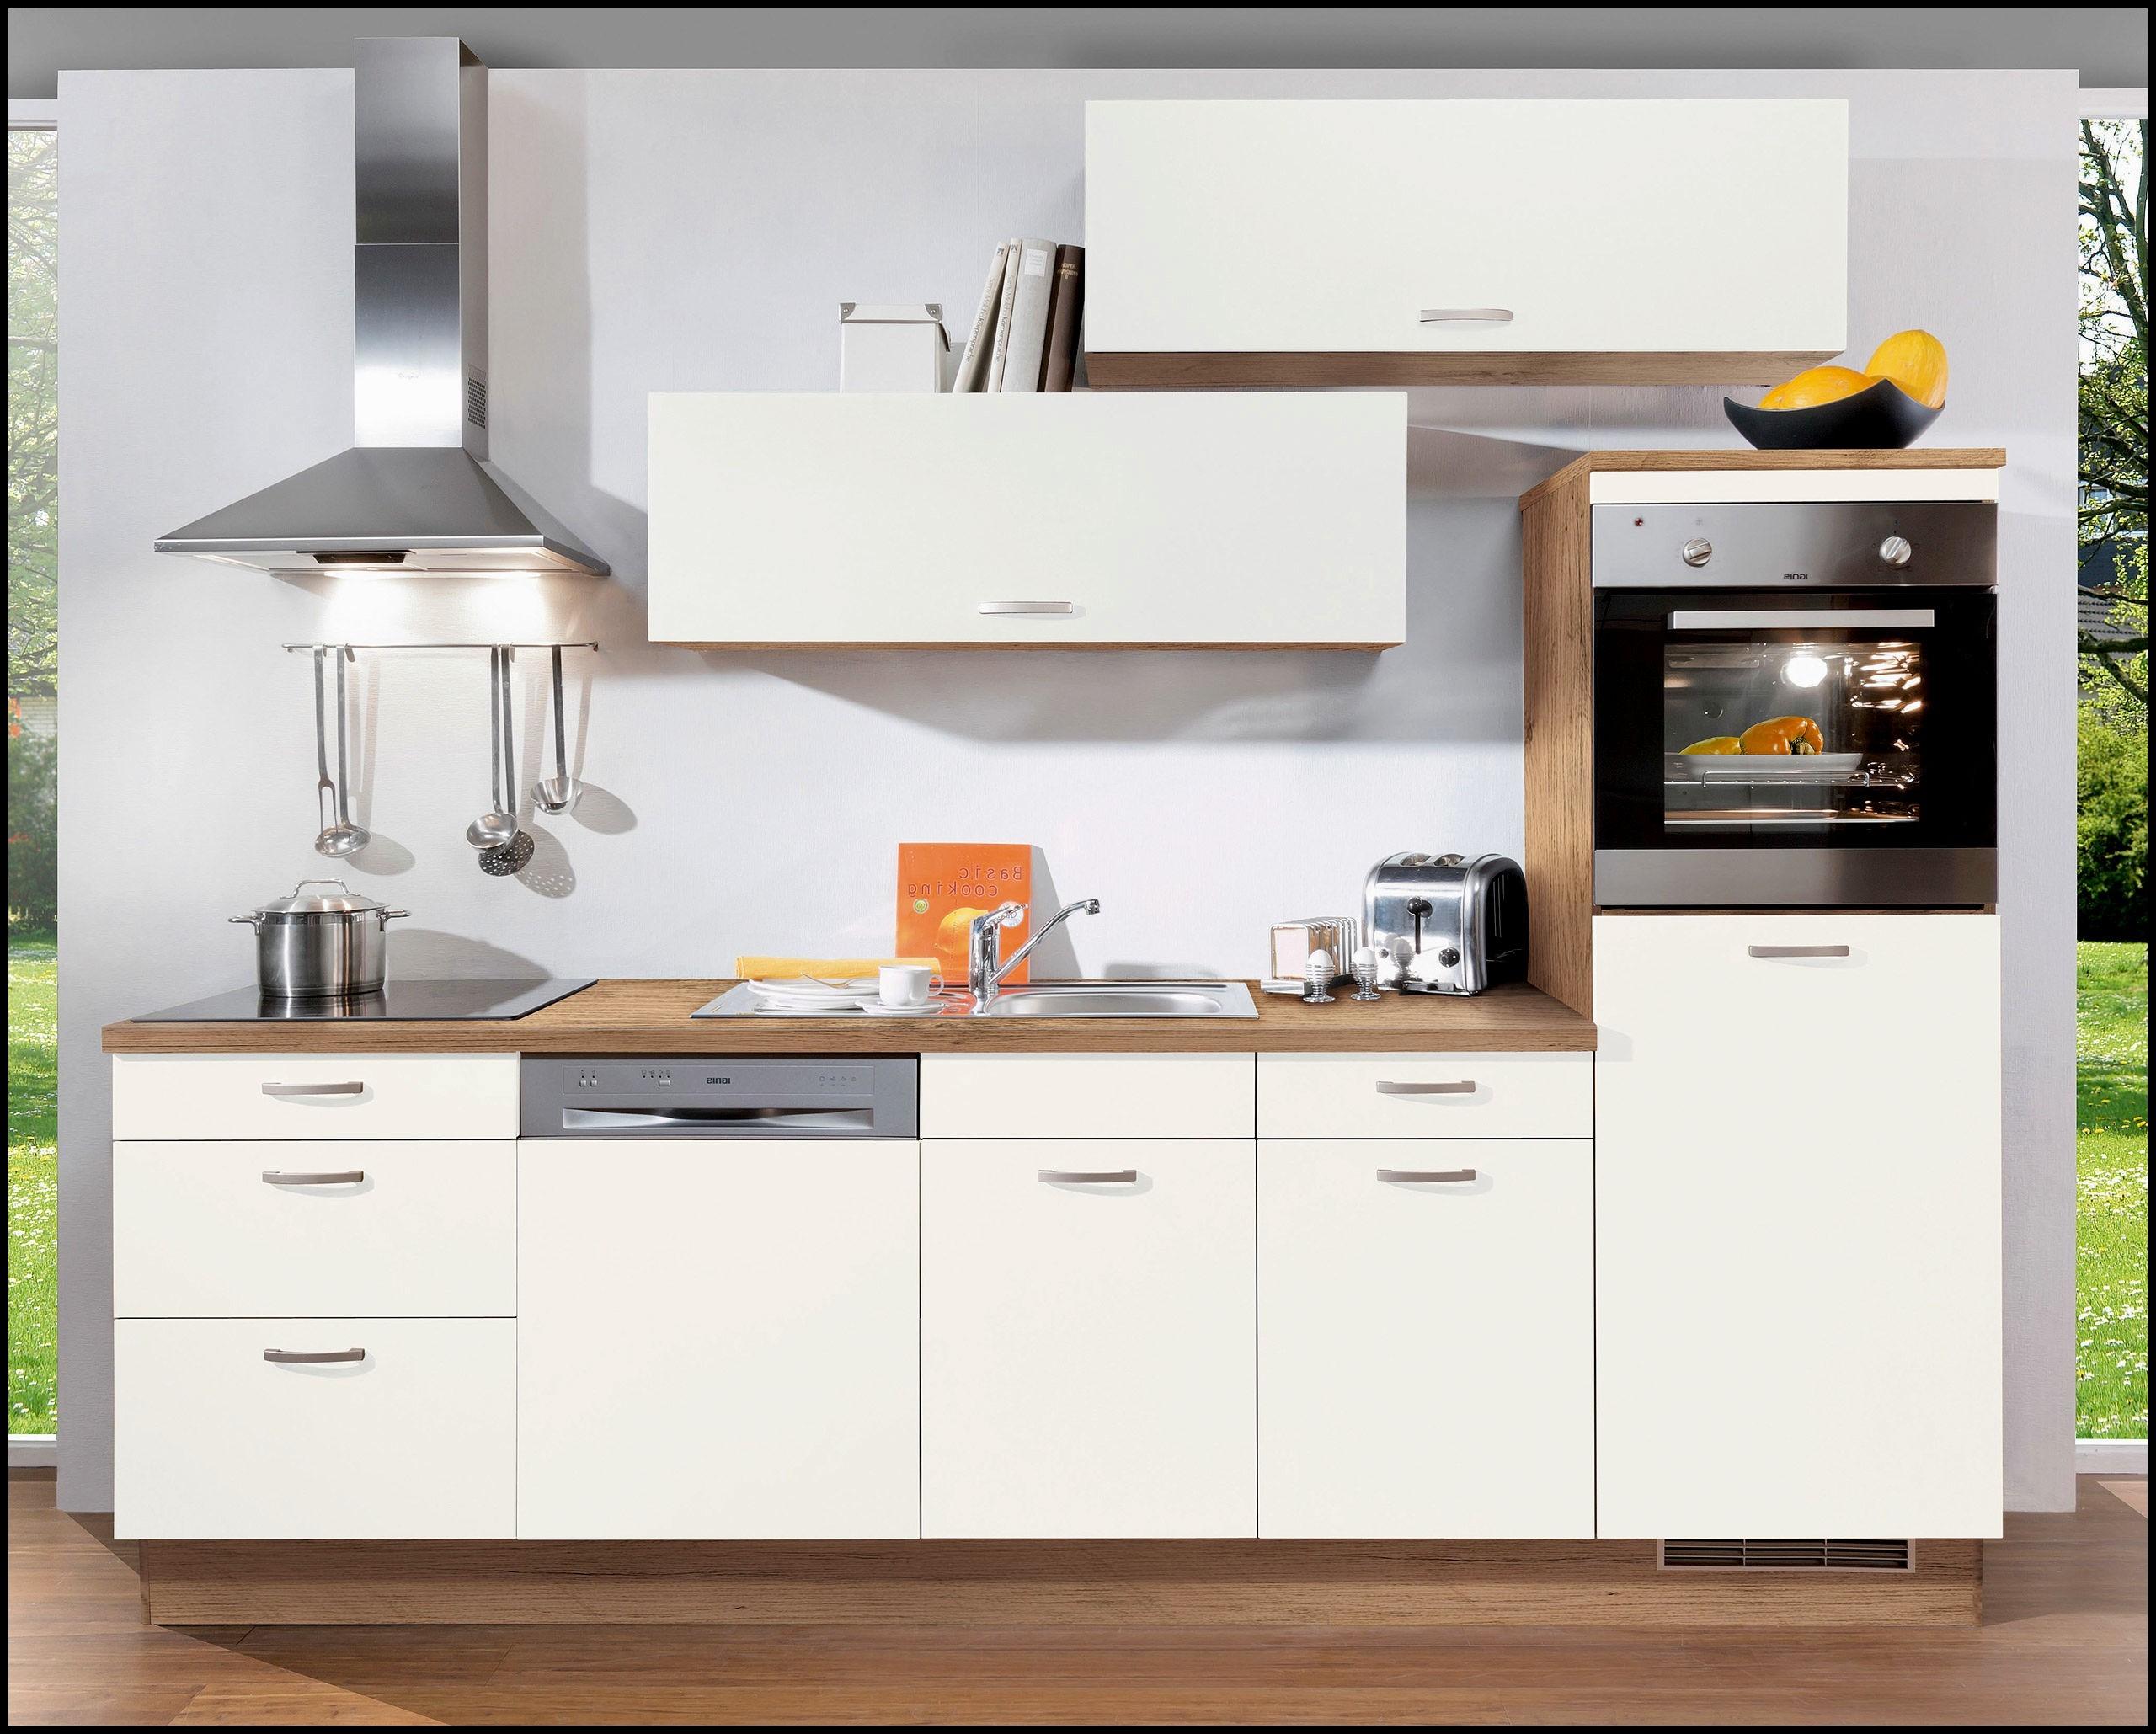 Full Size of Einbauküche Kosten 137758 Einbauküche Günstig Einzigartig Ziemlich Einbaukƒ Che Mit Gerƒ Ten Küche Einbauküche Günstig